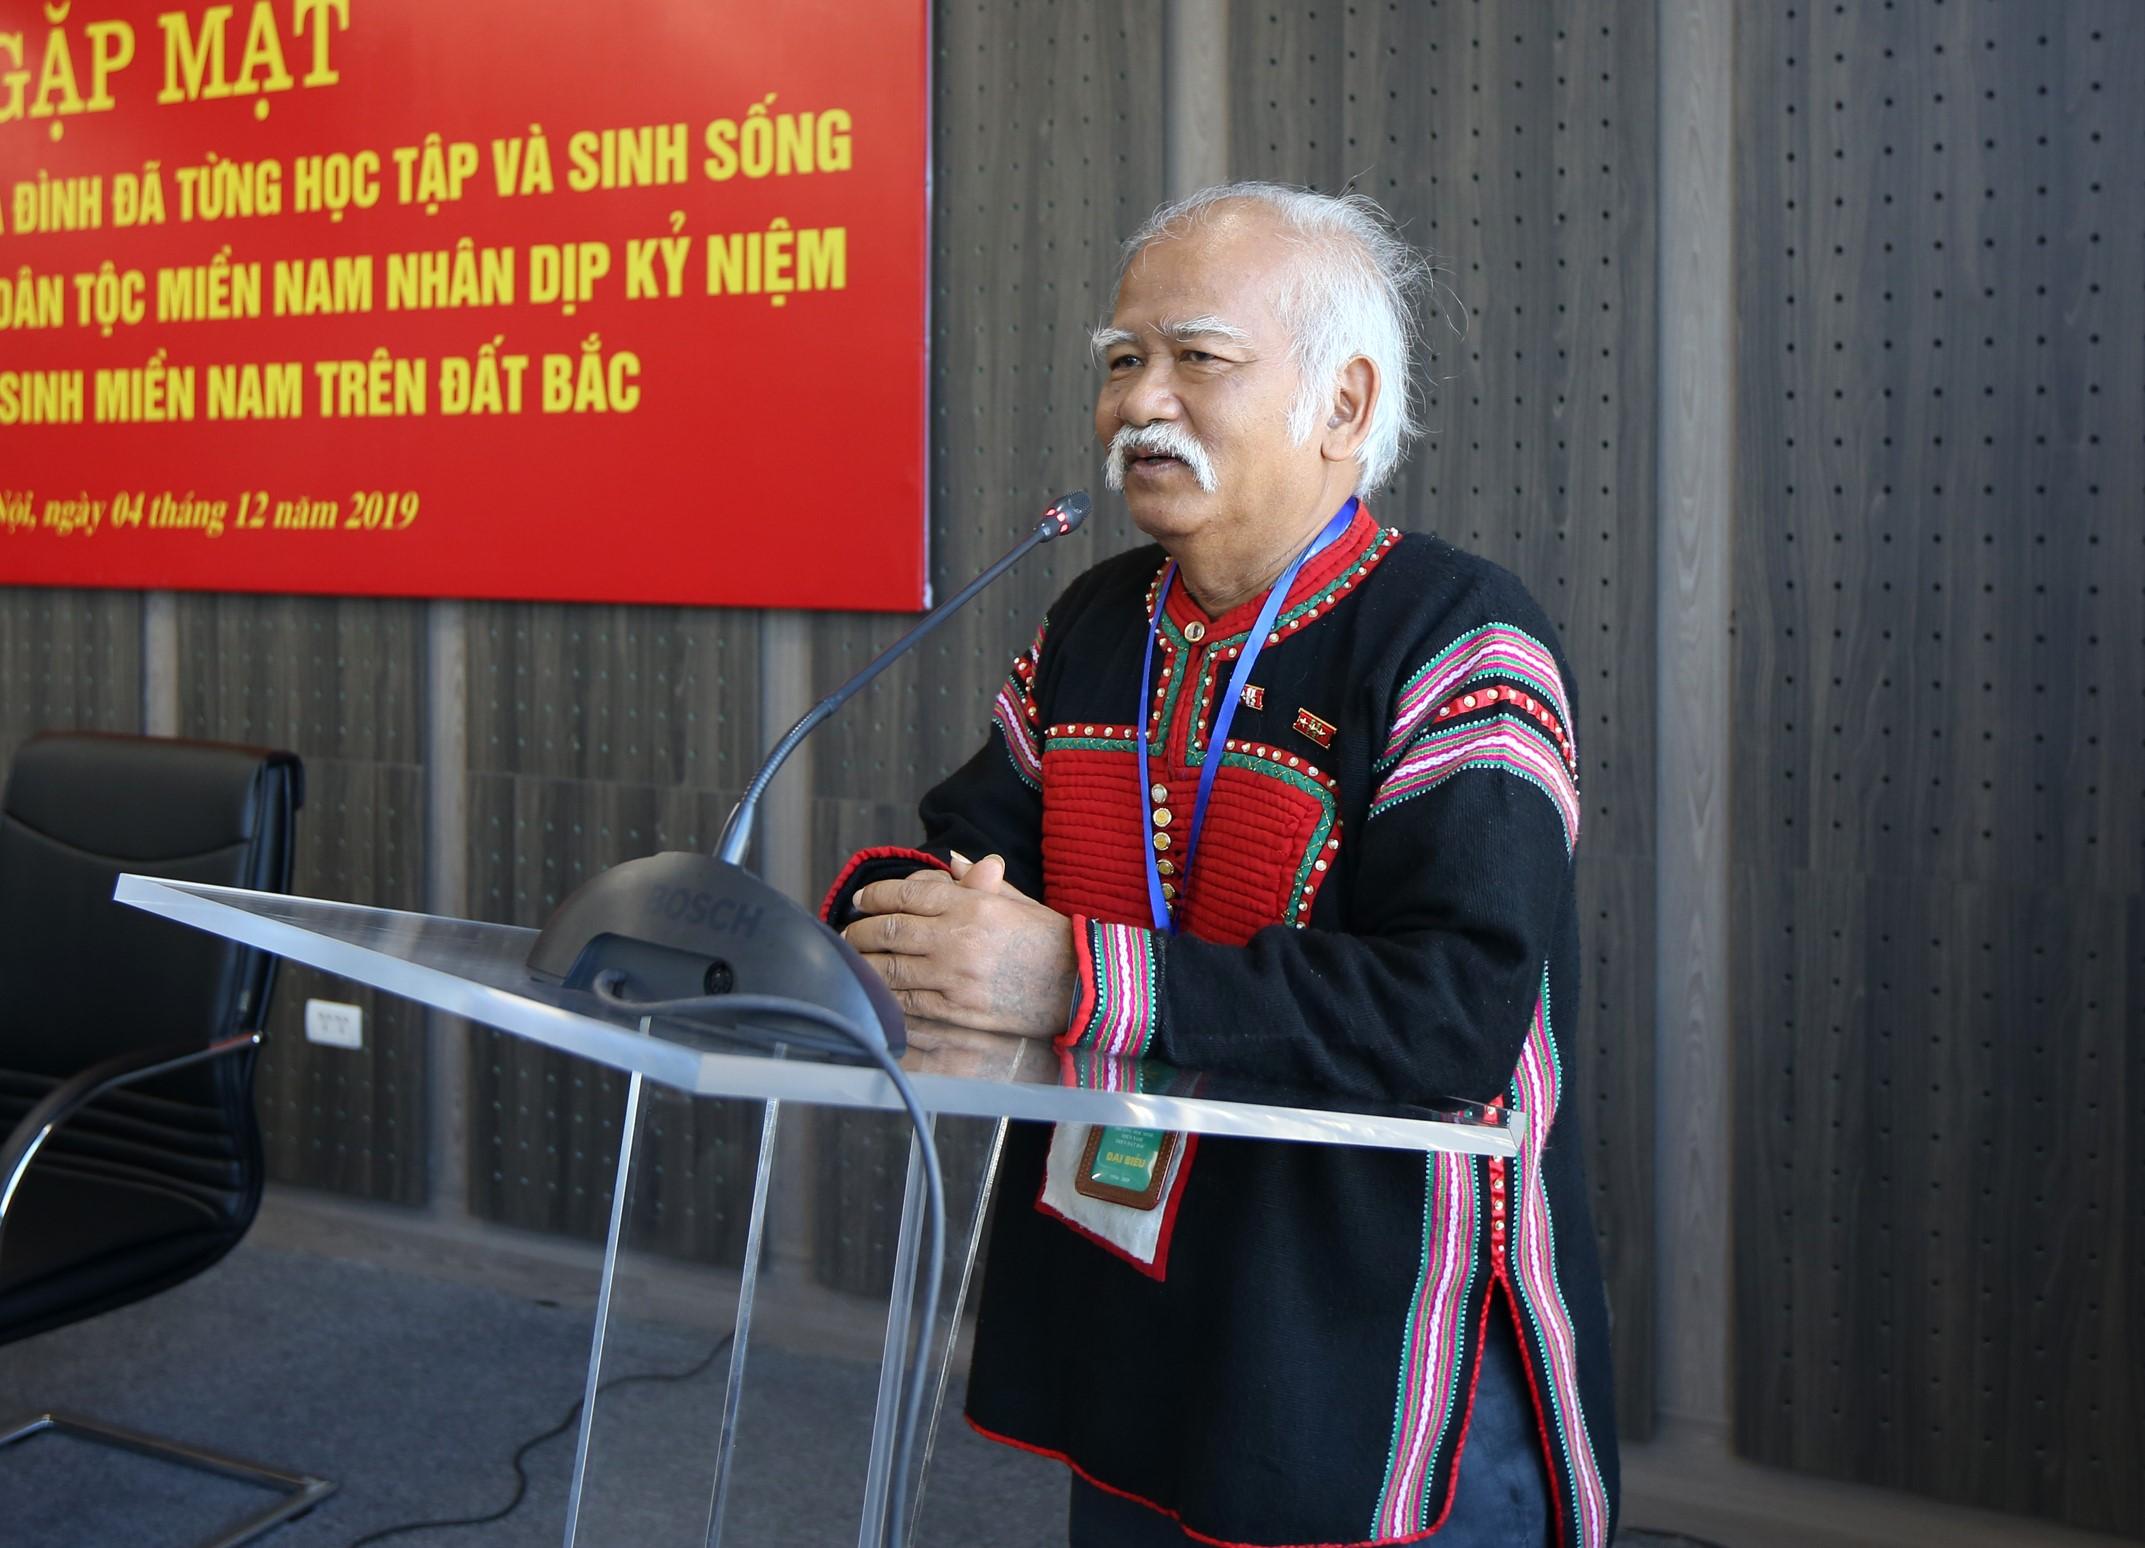 Ông Ksor Phước phát biểu tại buổi gặp mặt